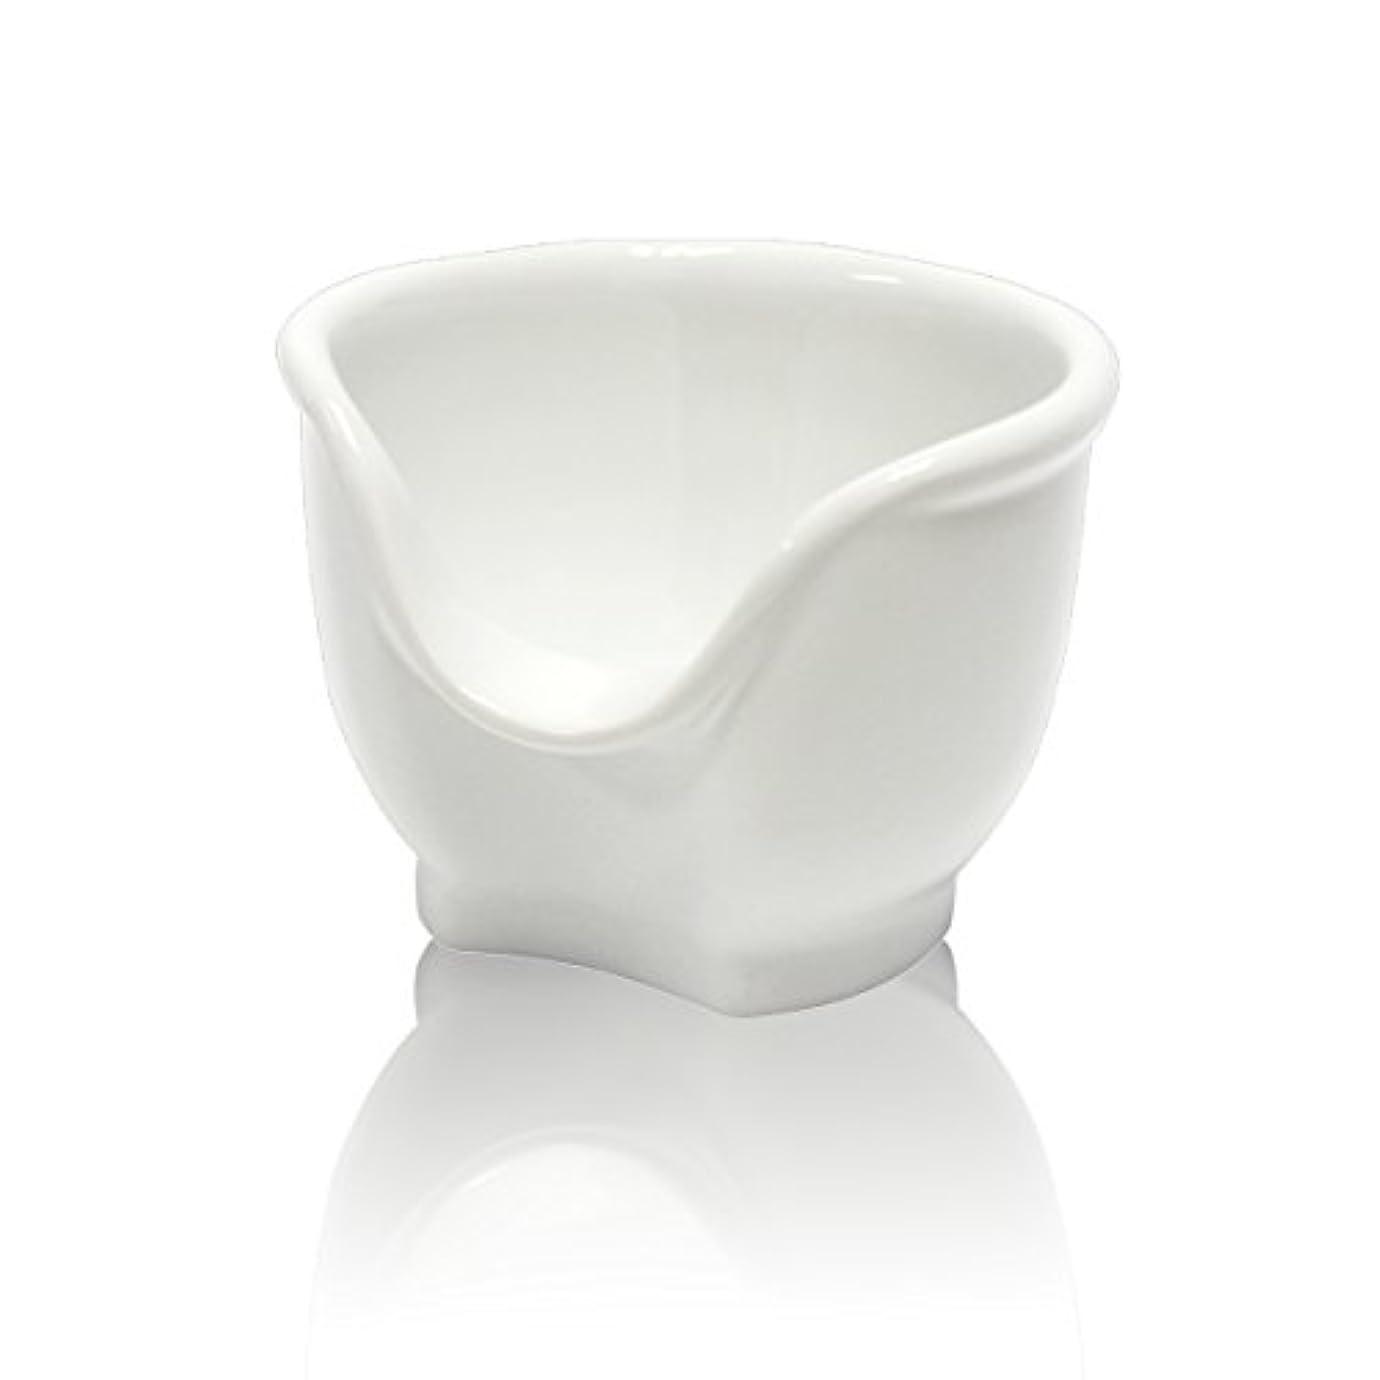 結晶寓話シャンプーSignstek 磁器製シェービングカップ シェービングボウル 髭剃り石鹸カップ ホワイト